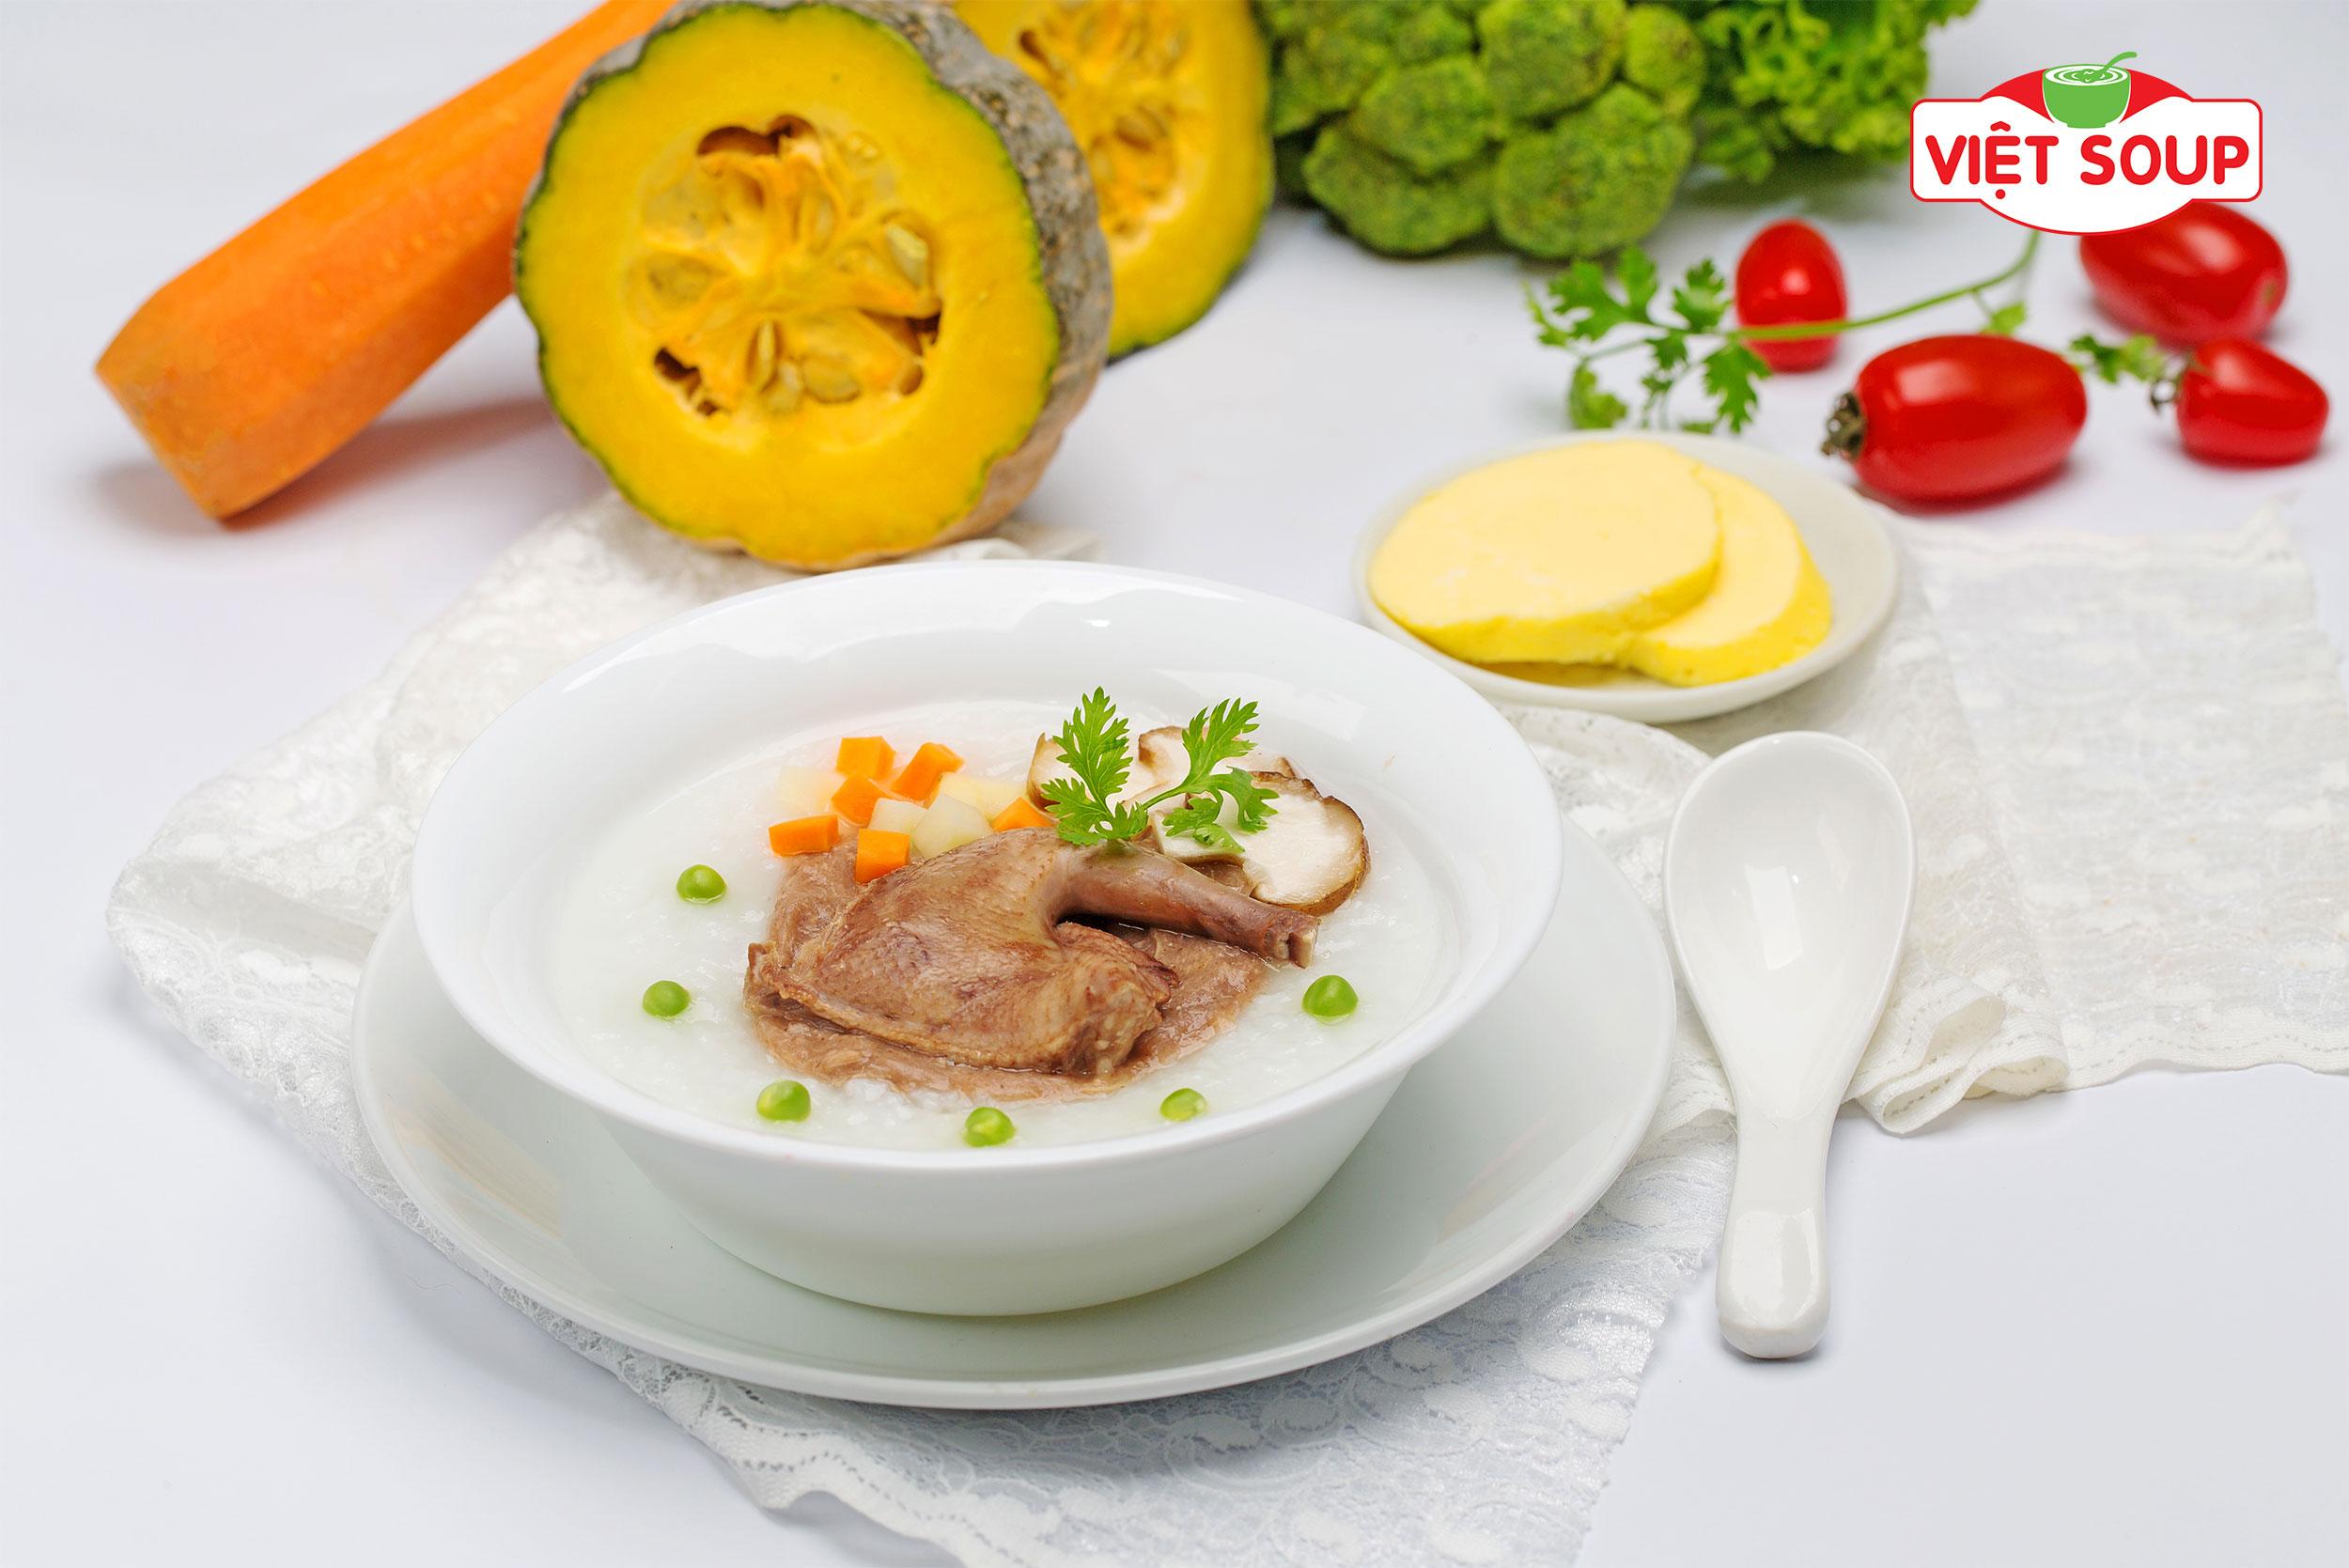 Công dụng và cách nấu món cháo bồ câu thơm ngon tại nhà